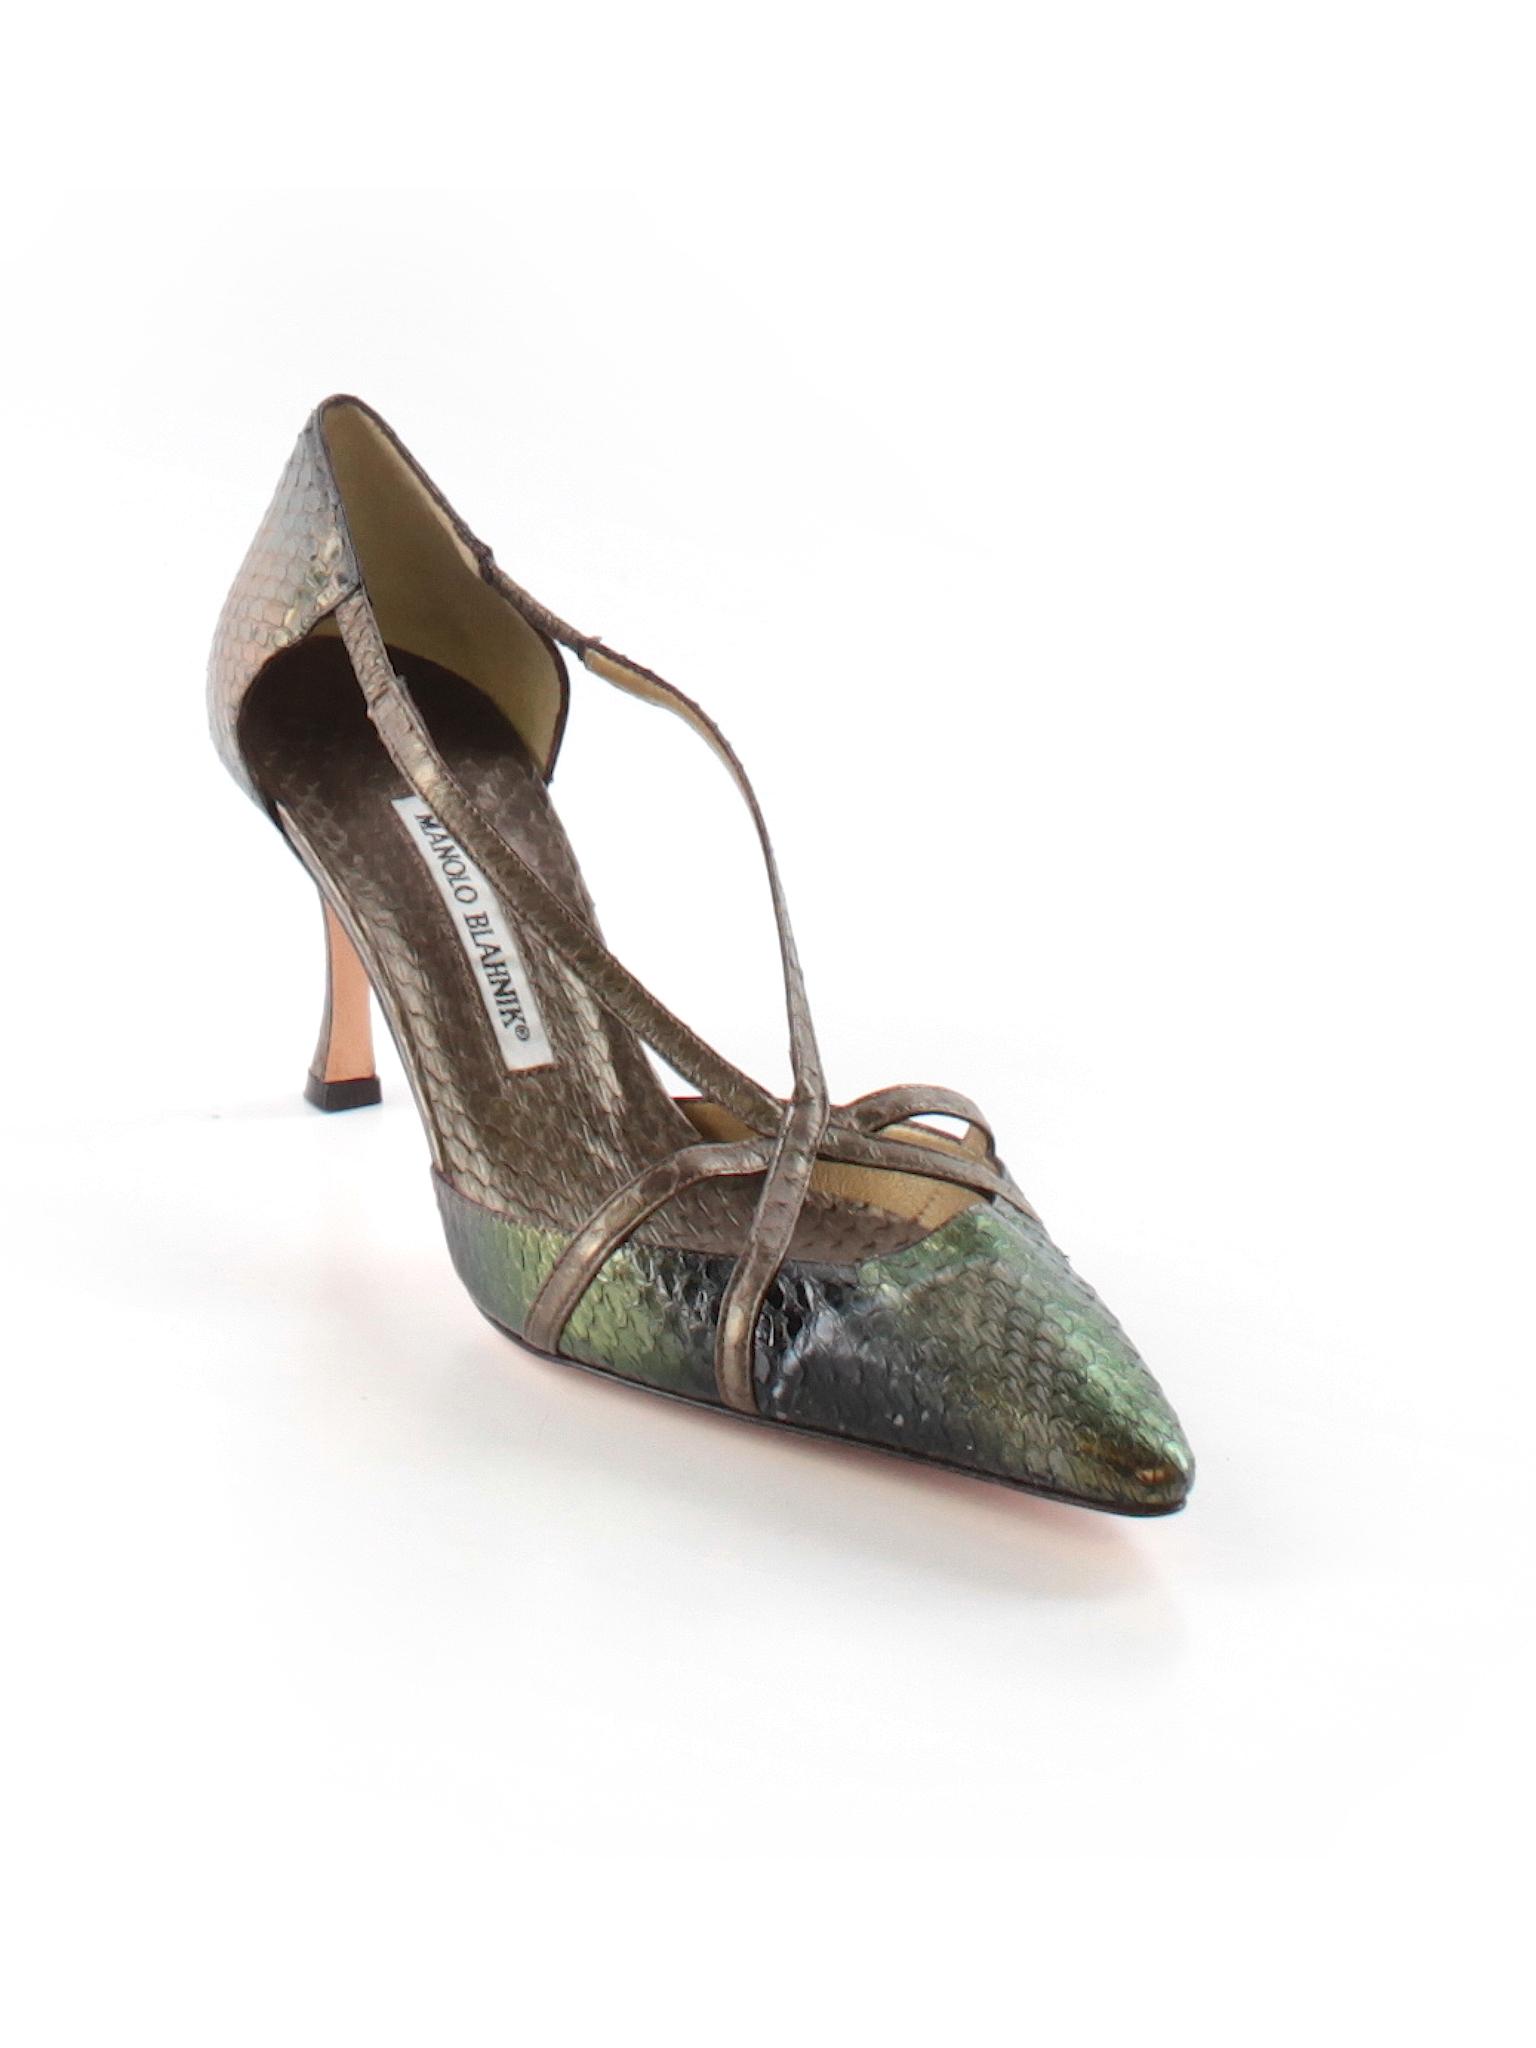 Heels Blahnik Manolo Boutique Boutique promotion promotion HzqPn4T